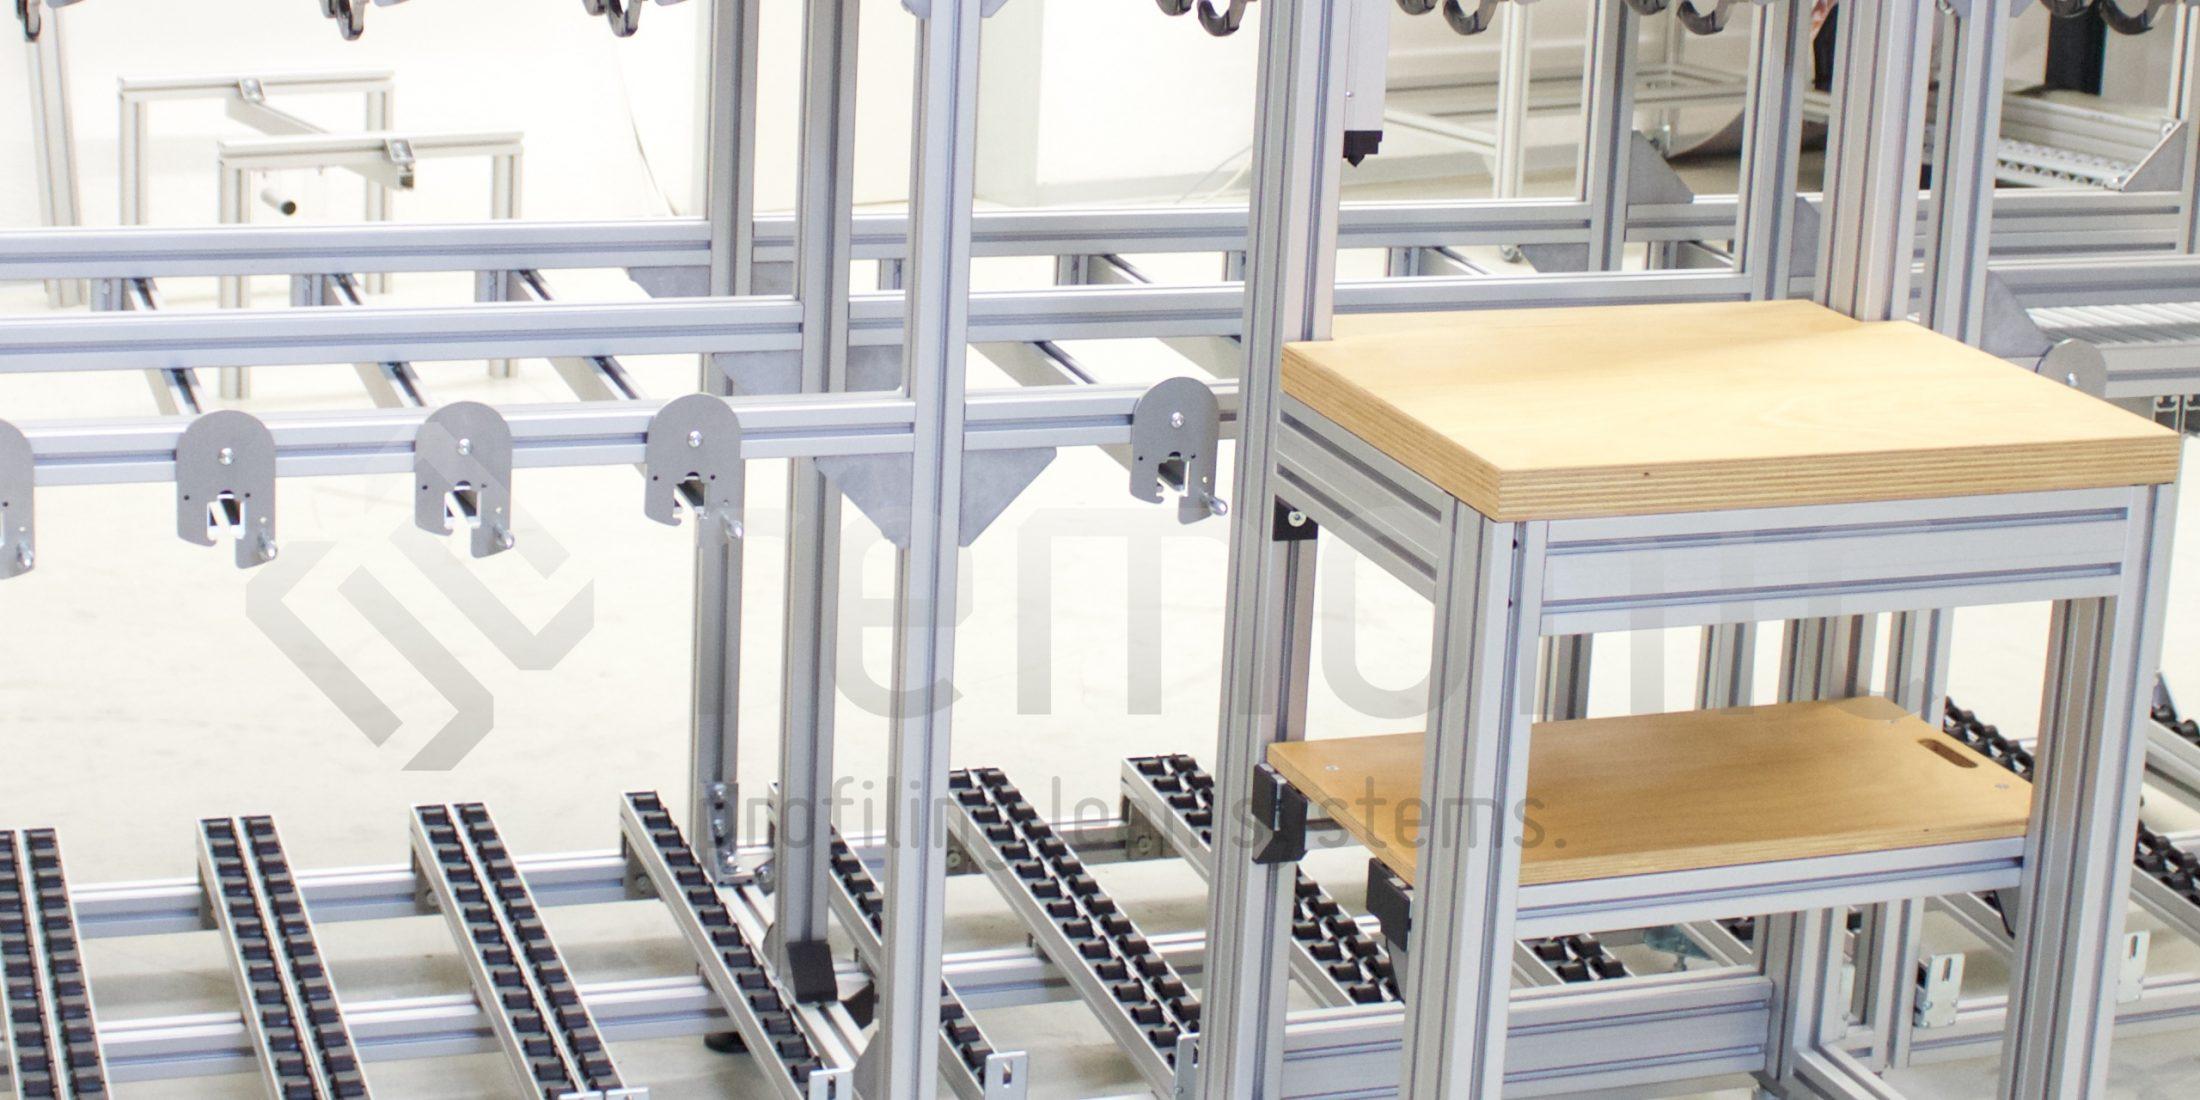 Spezifische Zuführeinrichtungen mit Werkstückträgern und Arbeitsplätzen ist einer der Kernkompetenzen von remonic®.